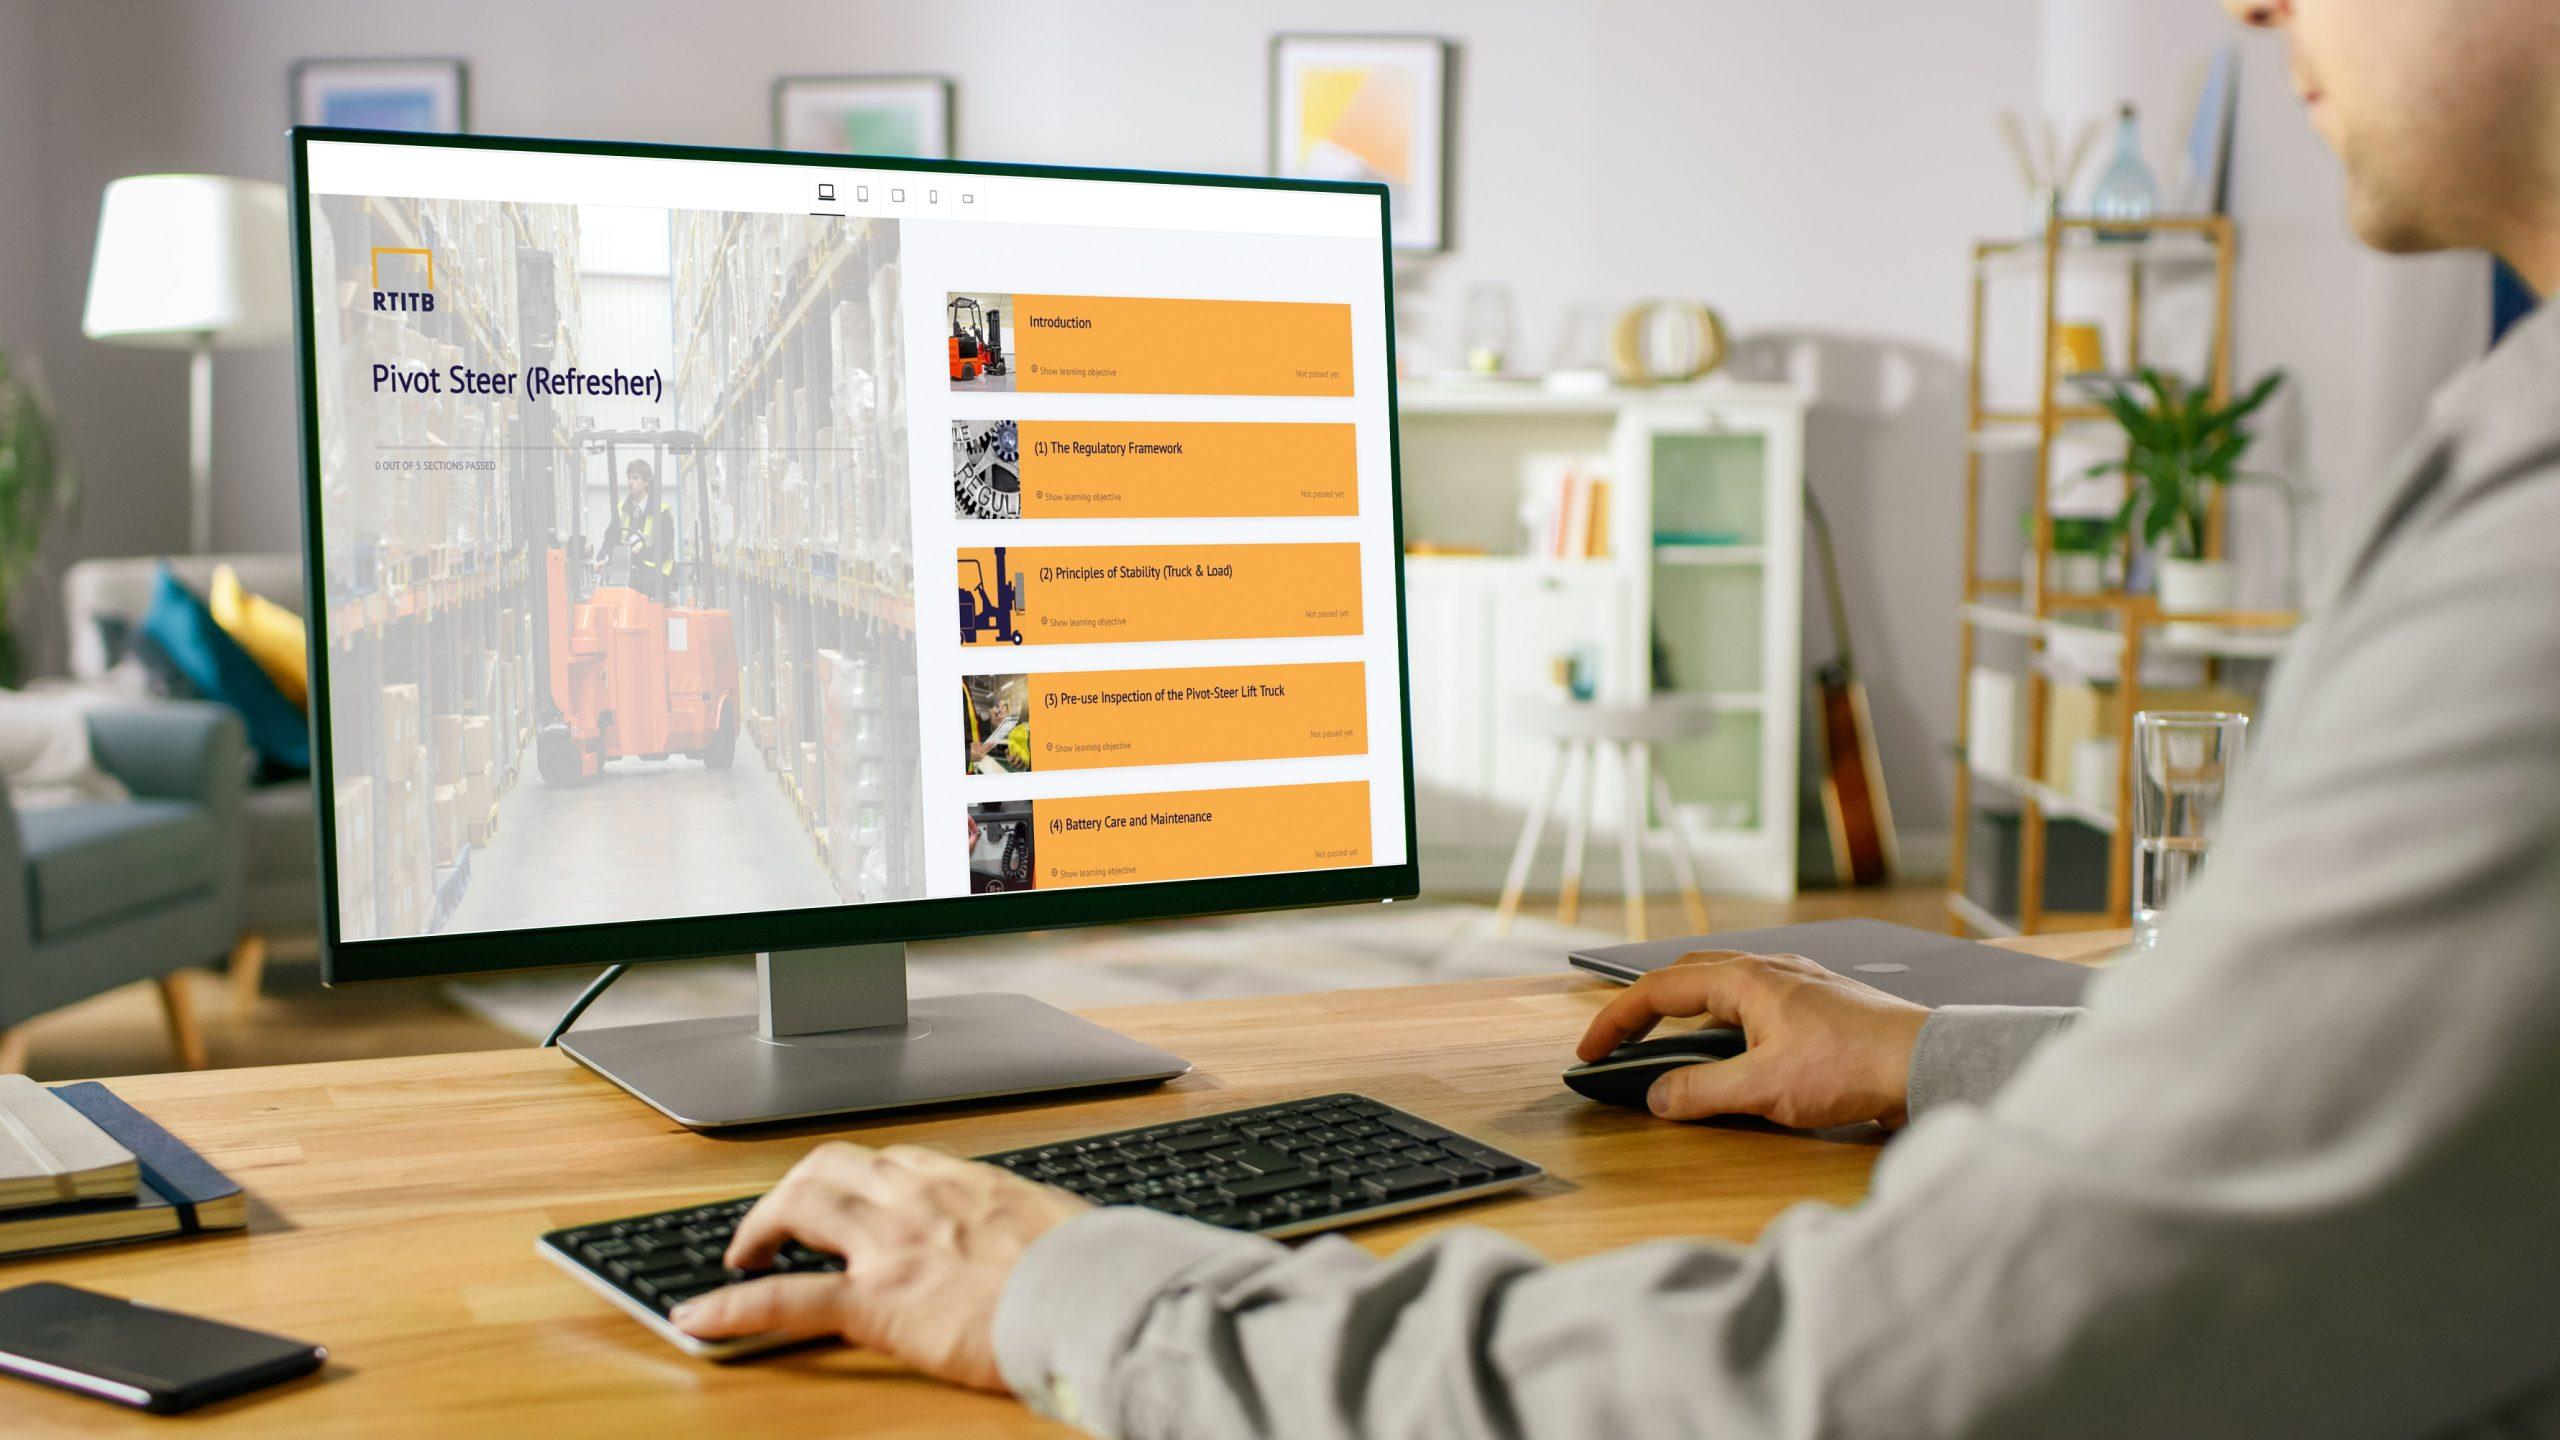 Pivot Steer Refresher eLearning